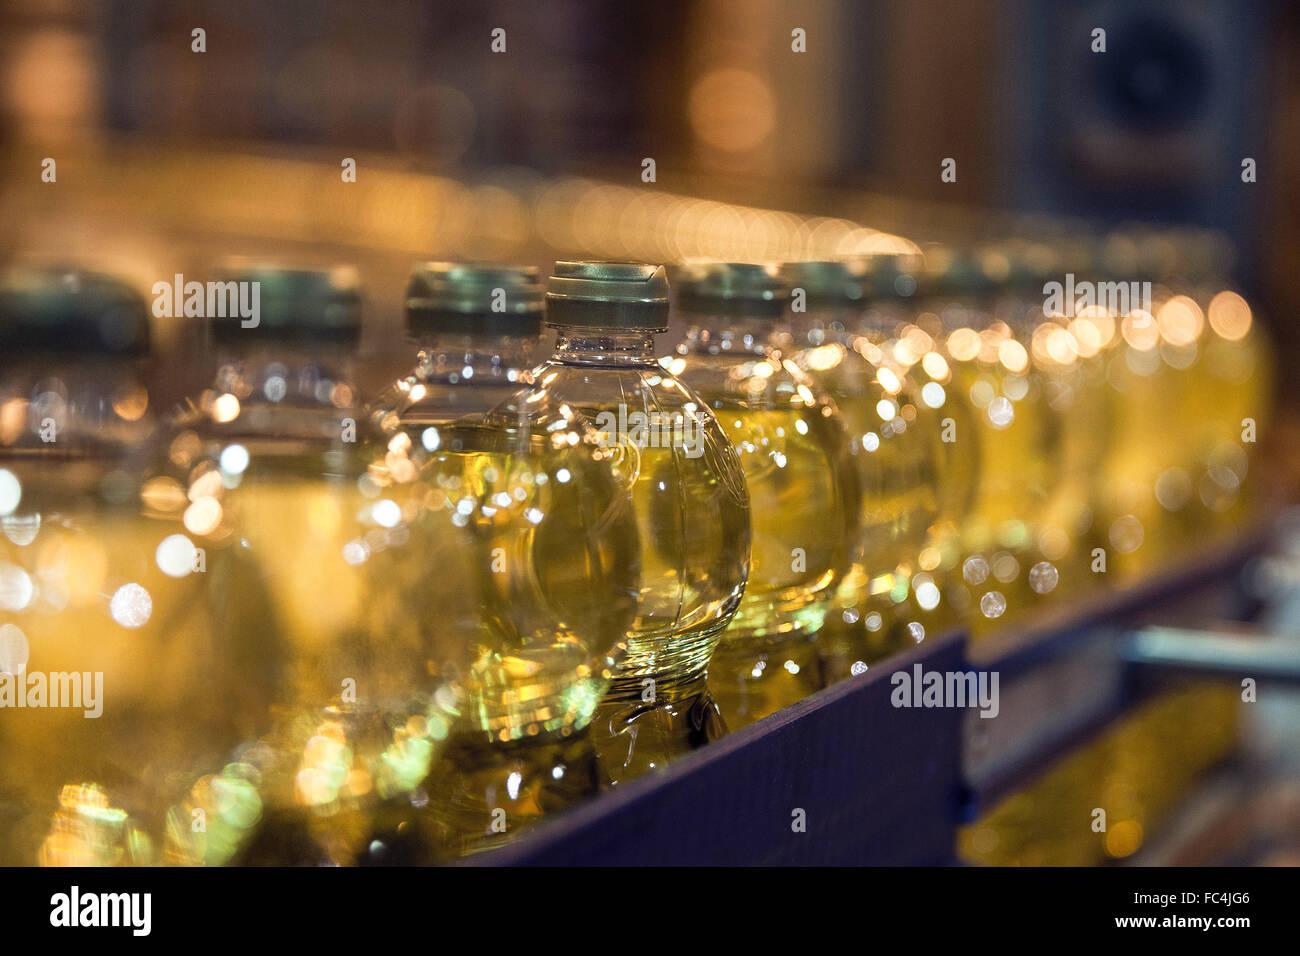 Detalhe de Envase de Garrafas de Óleo vegetal de Soja Em agroindústria Stockbild